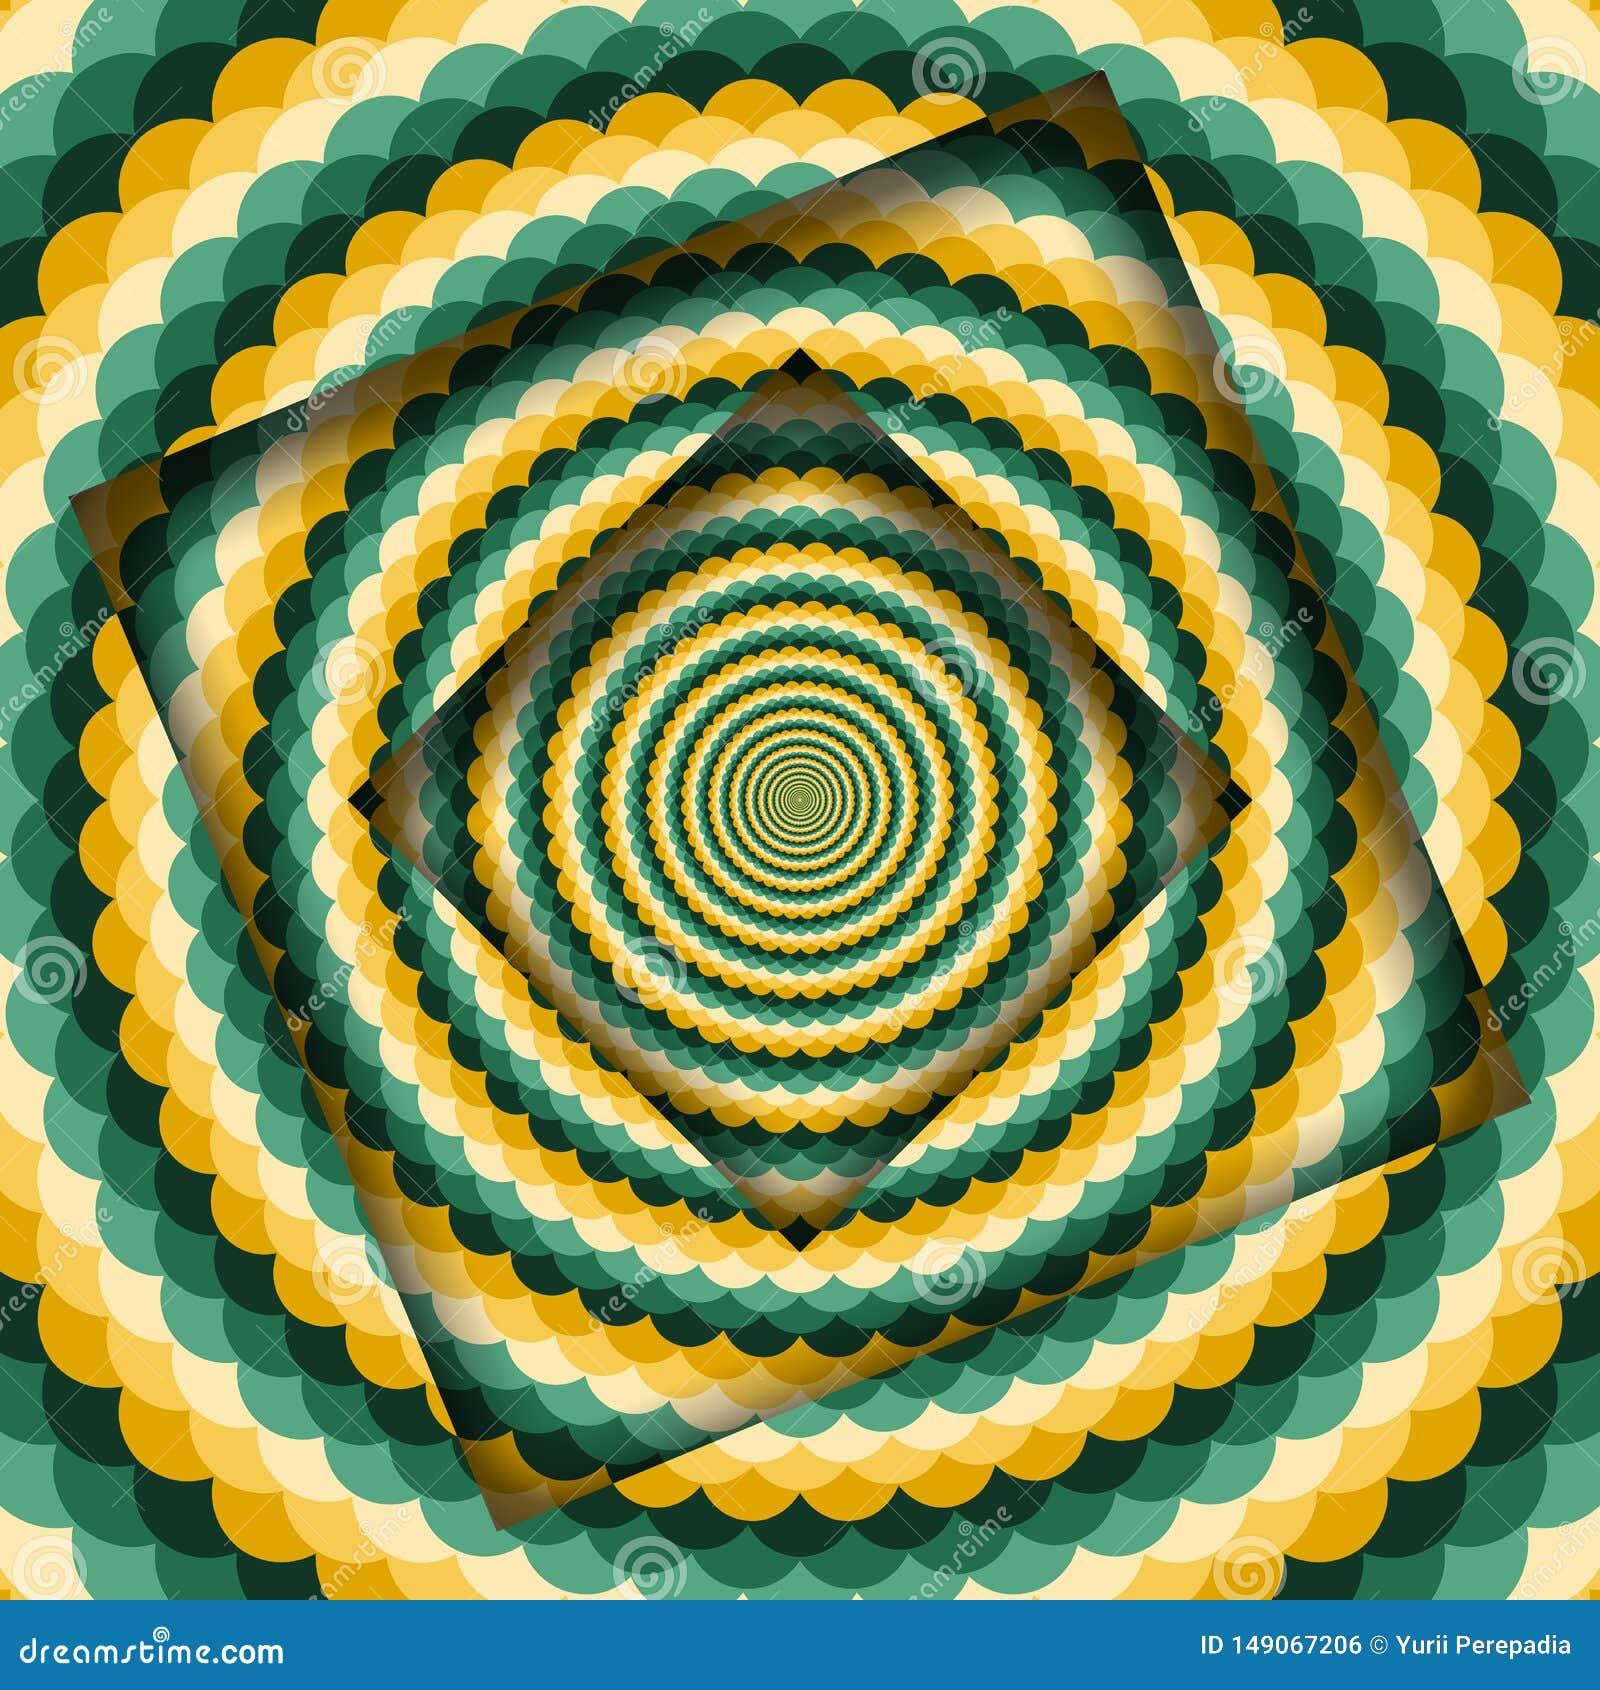 El extracto dio vuelta a marcos con un modelo ondulado amarillo verde giratorio Fondo hipnótico de la ilusión óptica